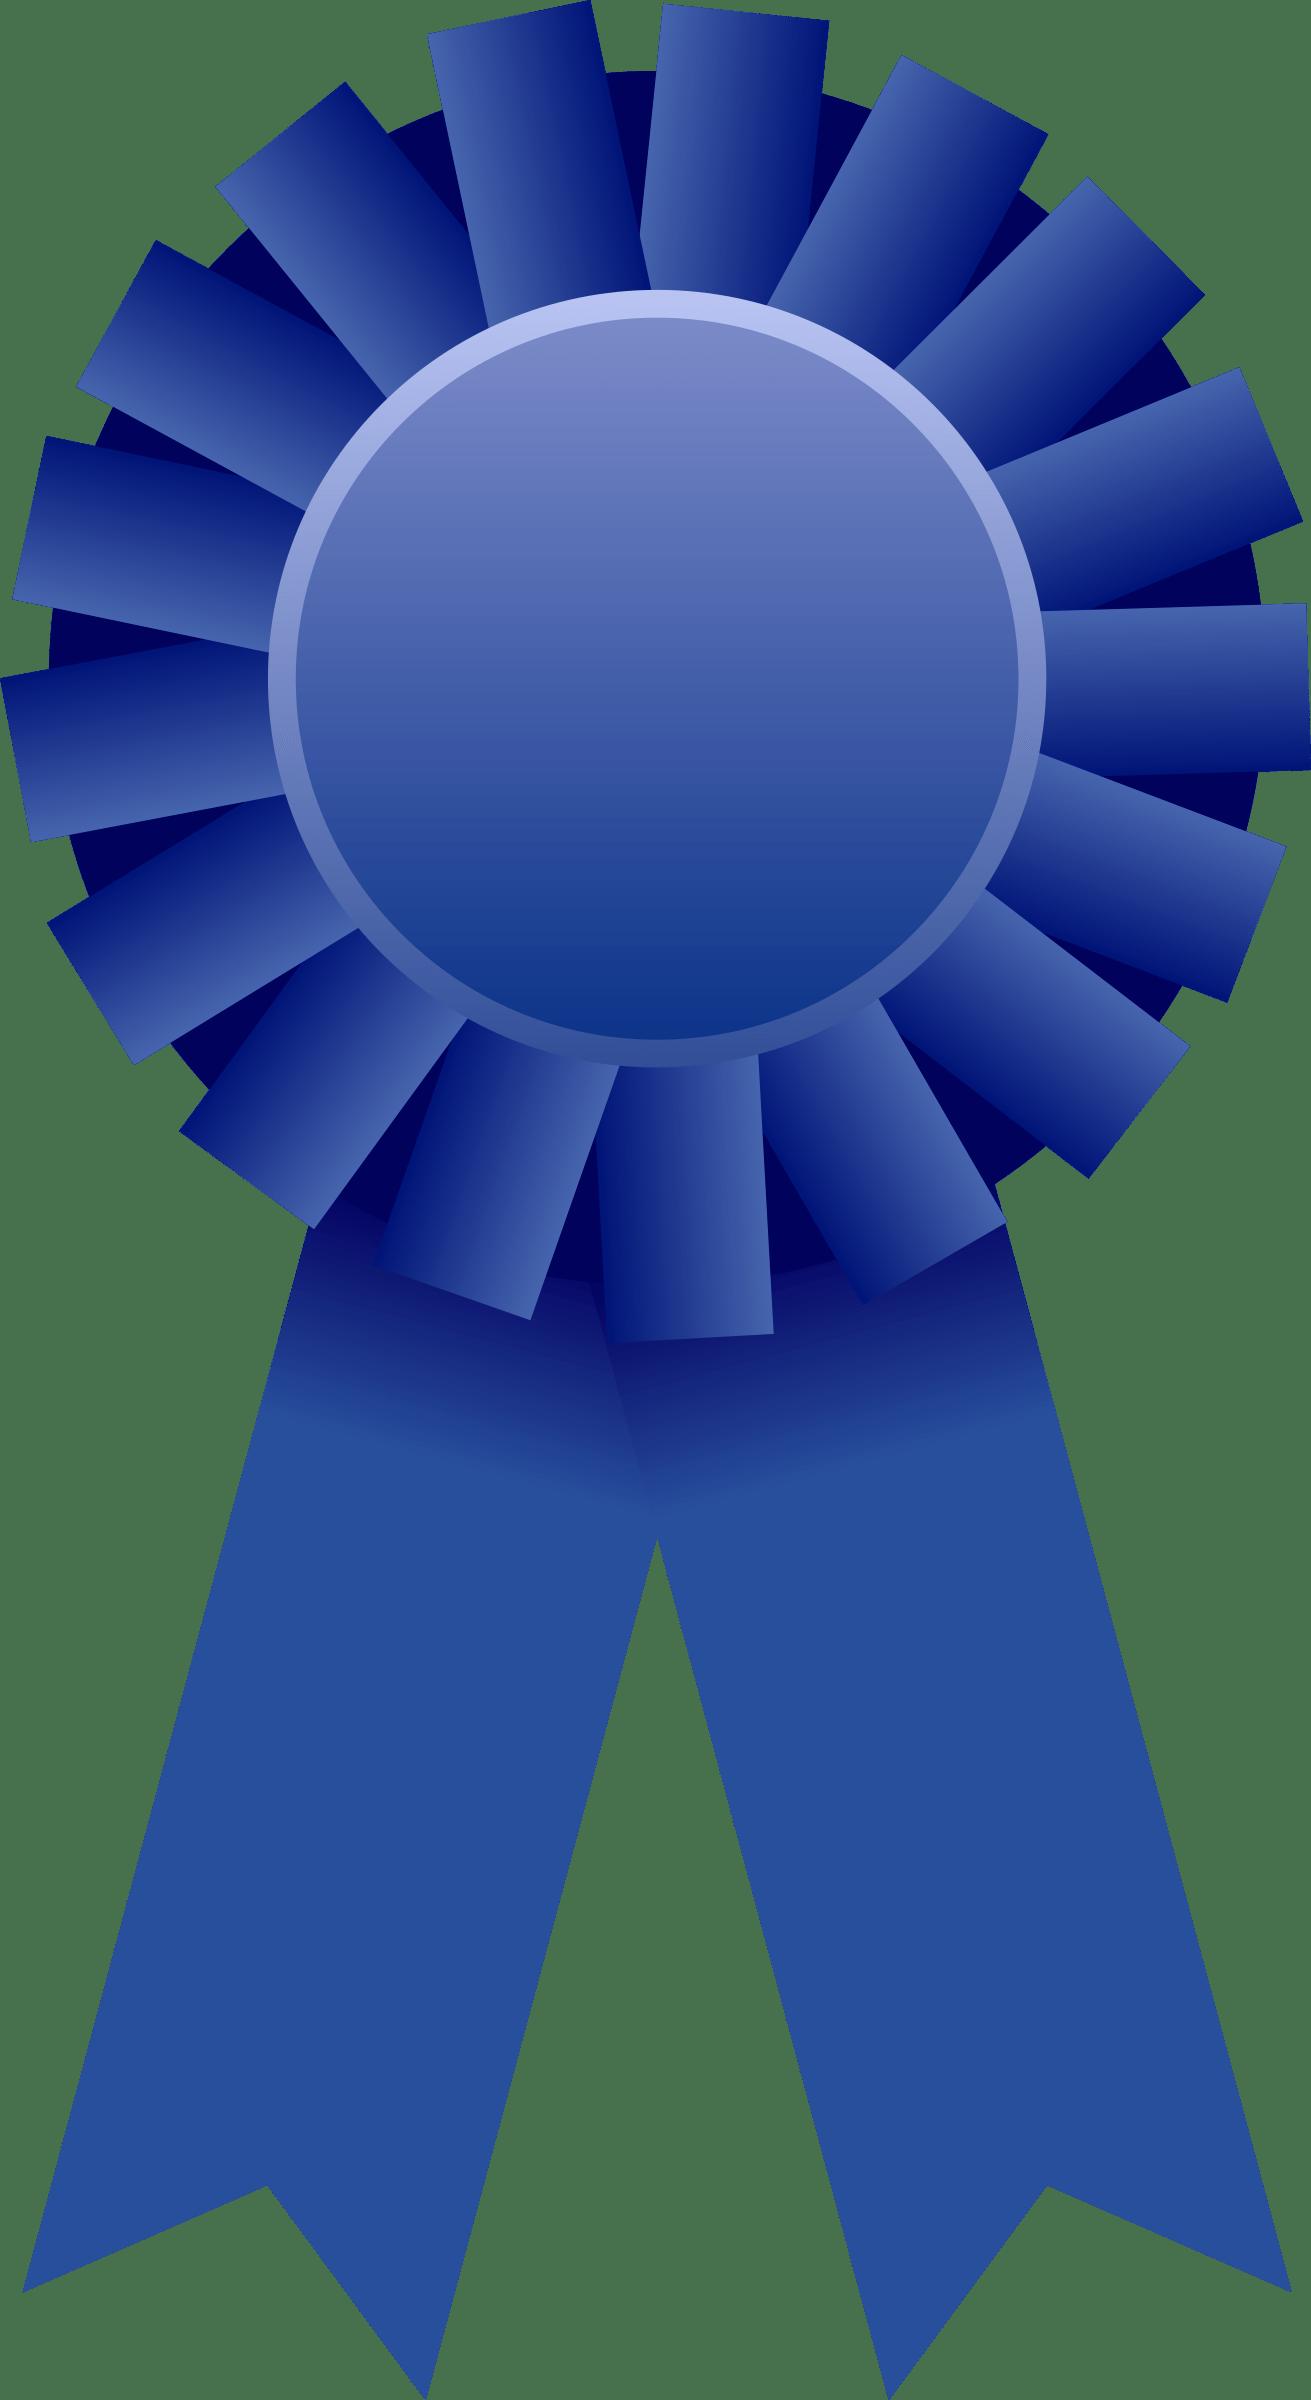 1st place rosette clipart » Clipart Portal.